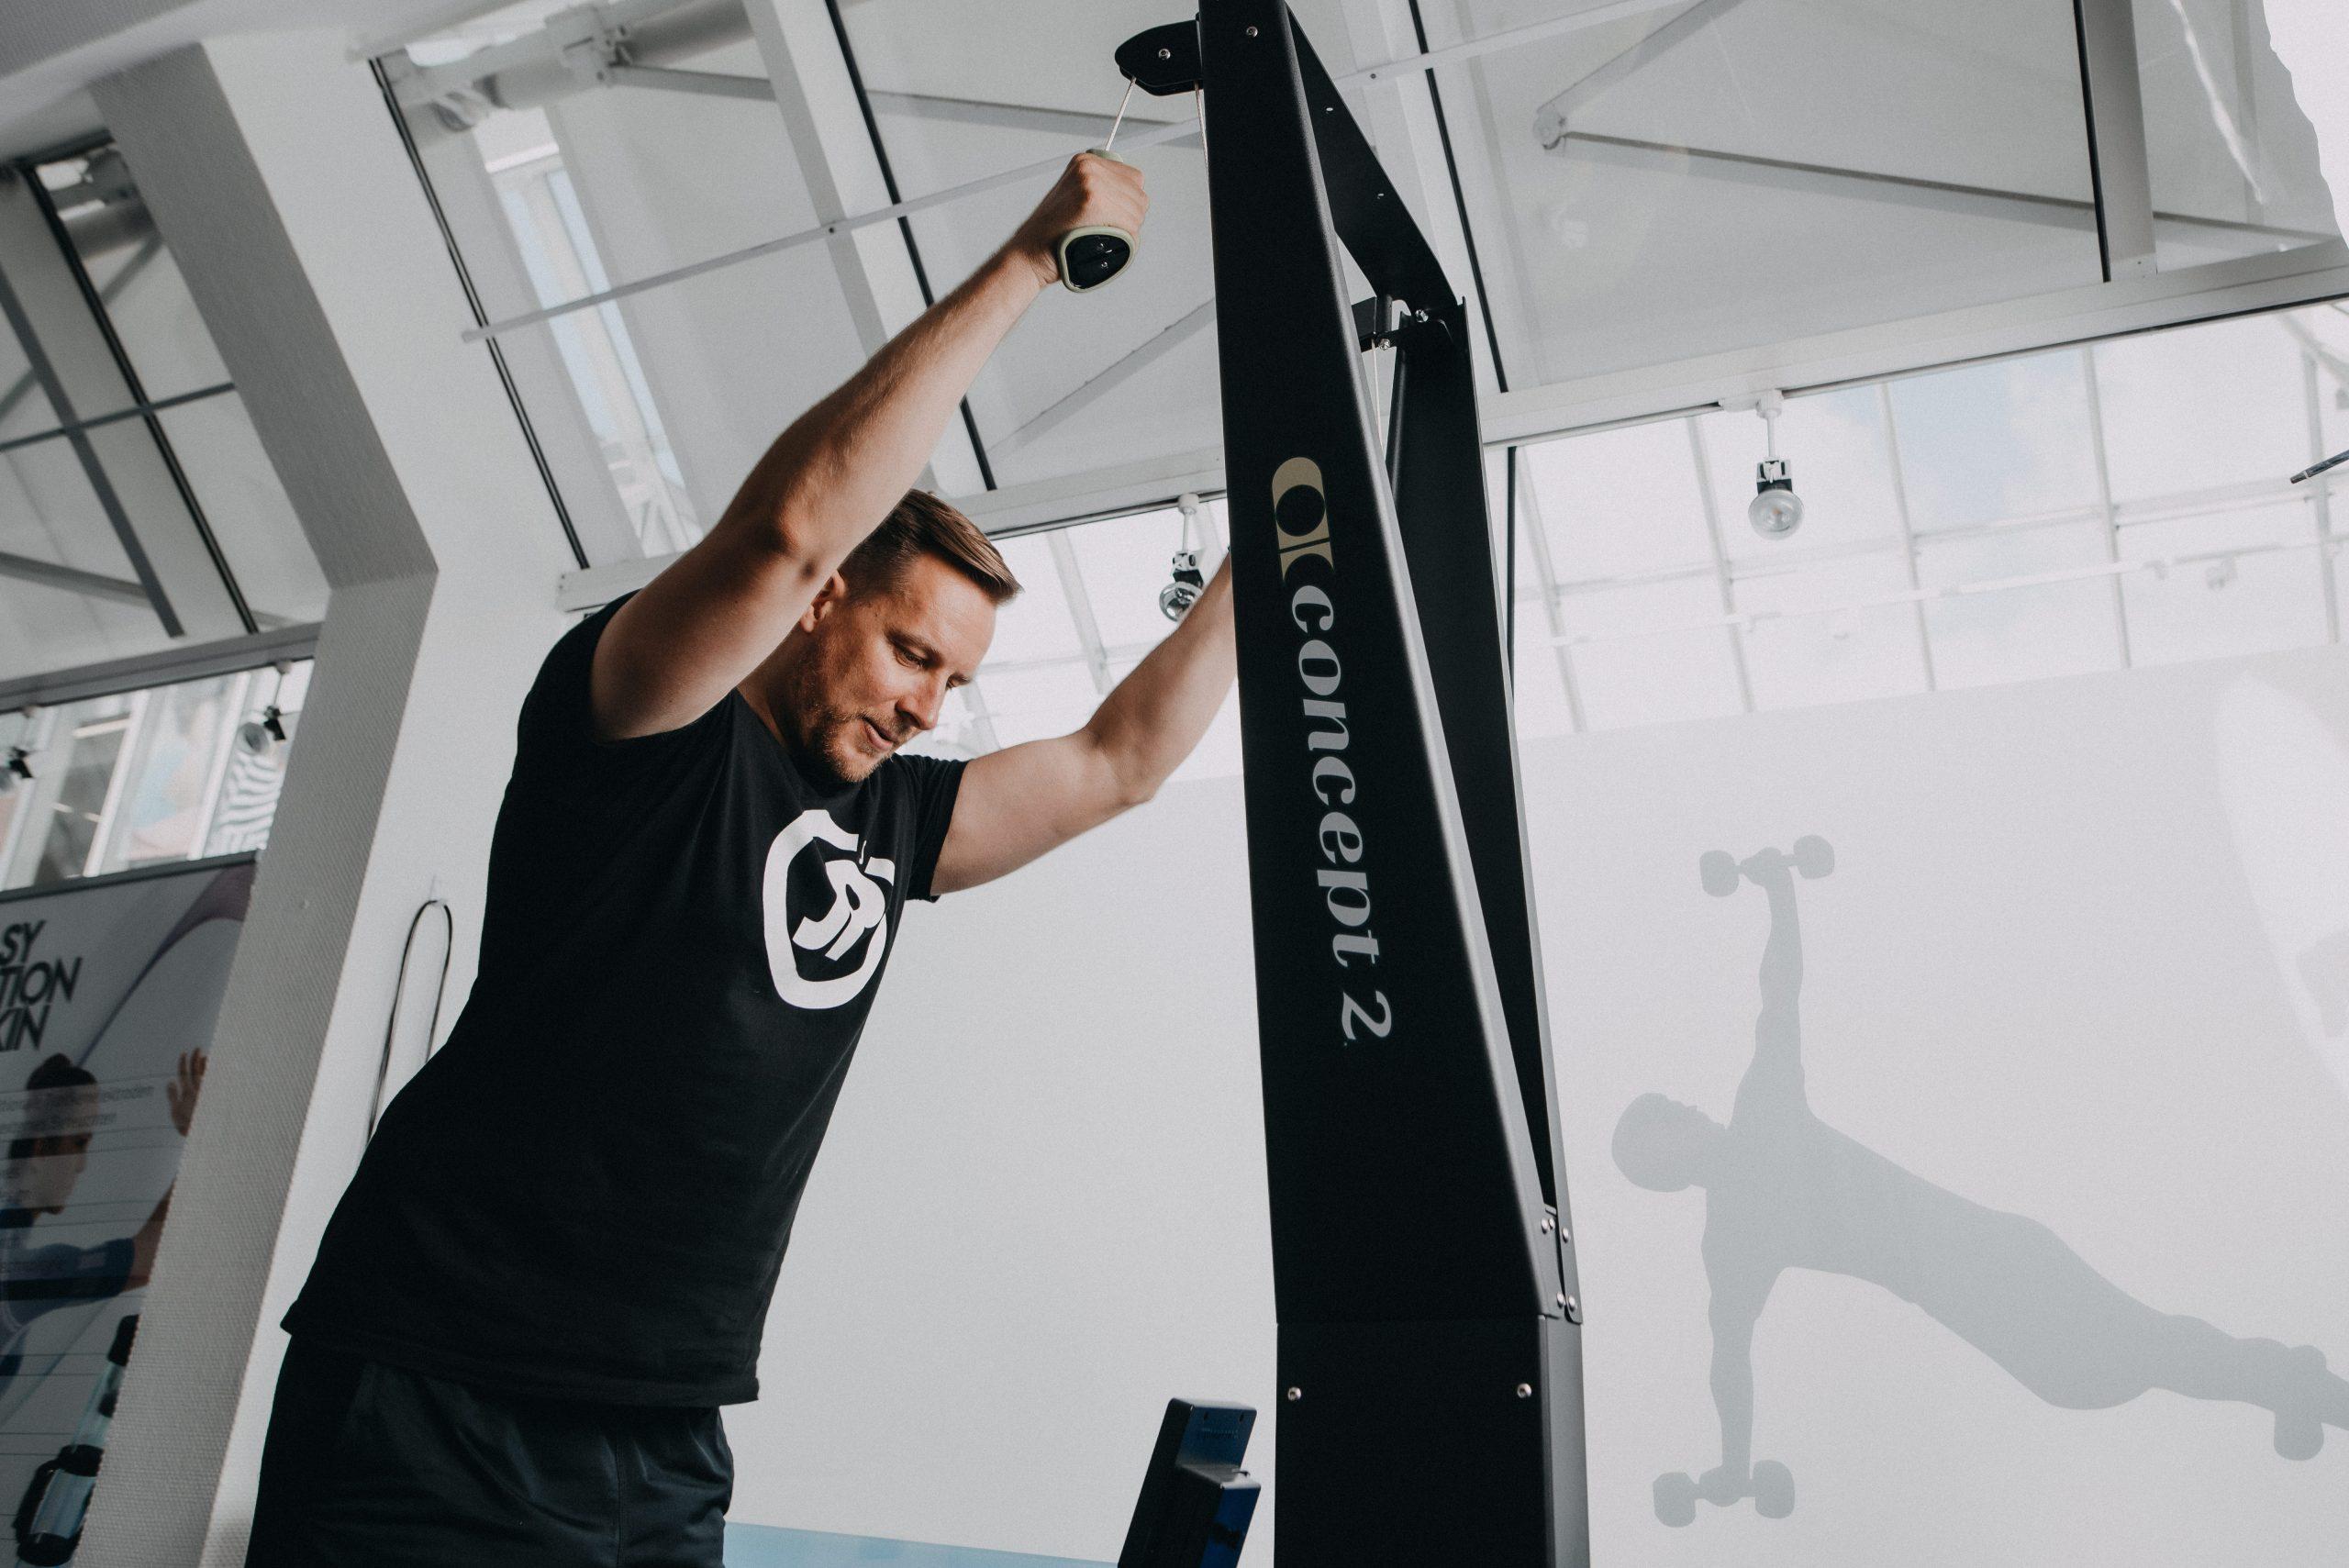 Mann trainiert an Sportgerät